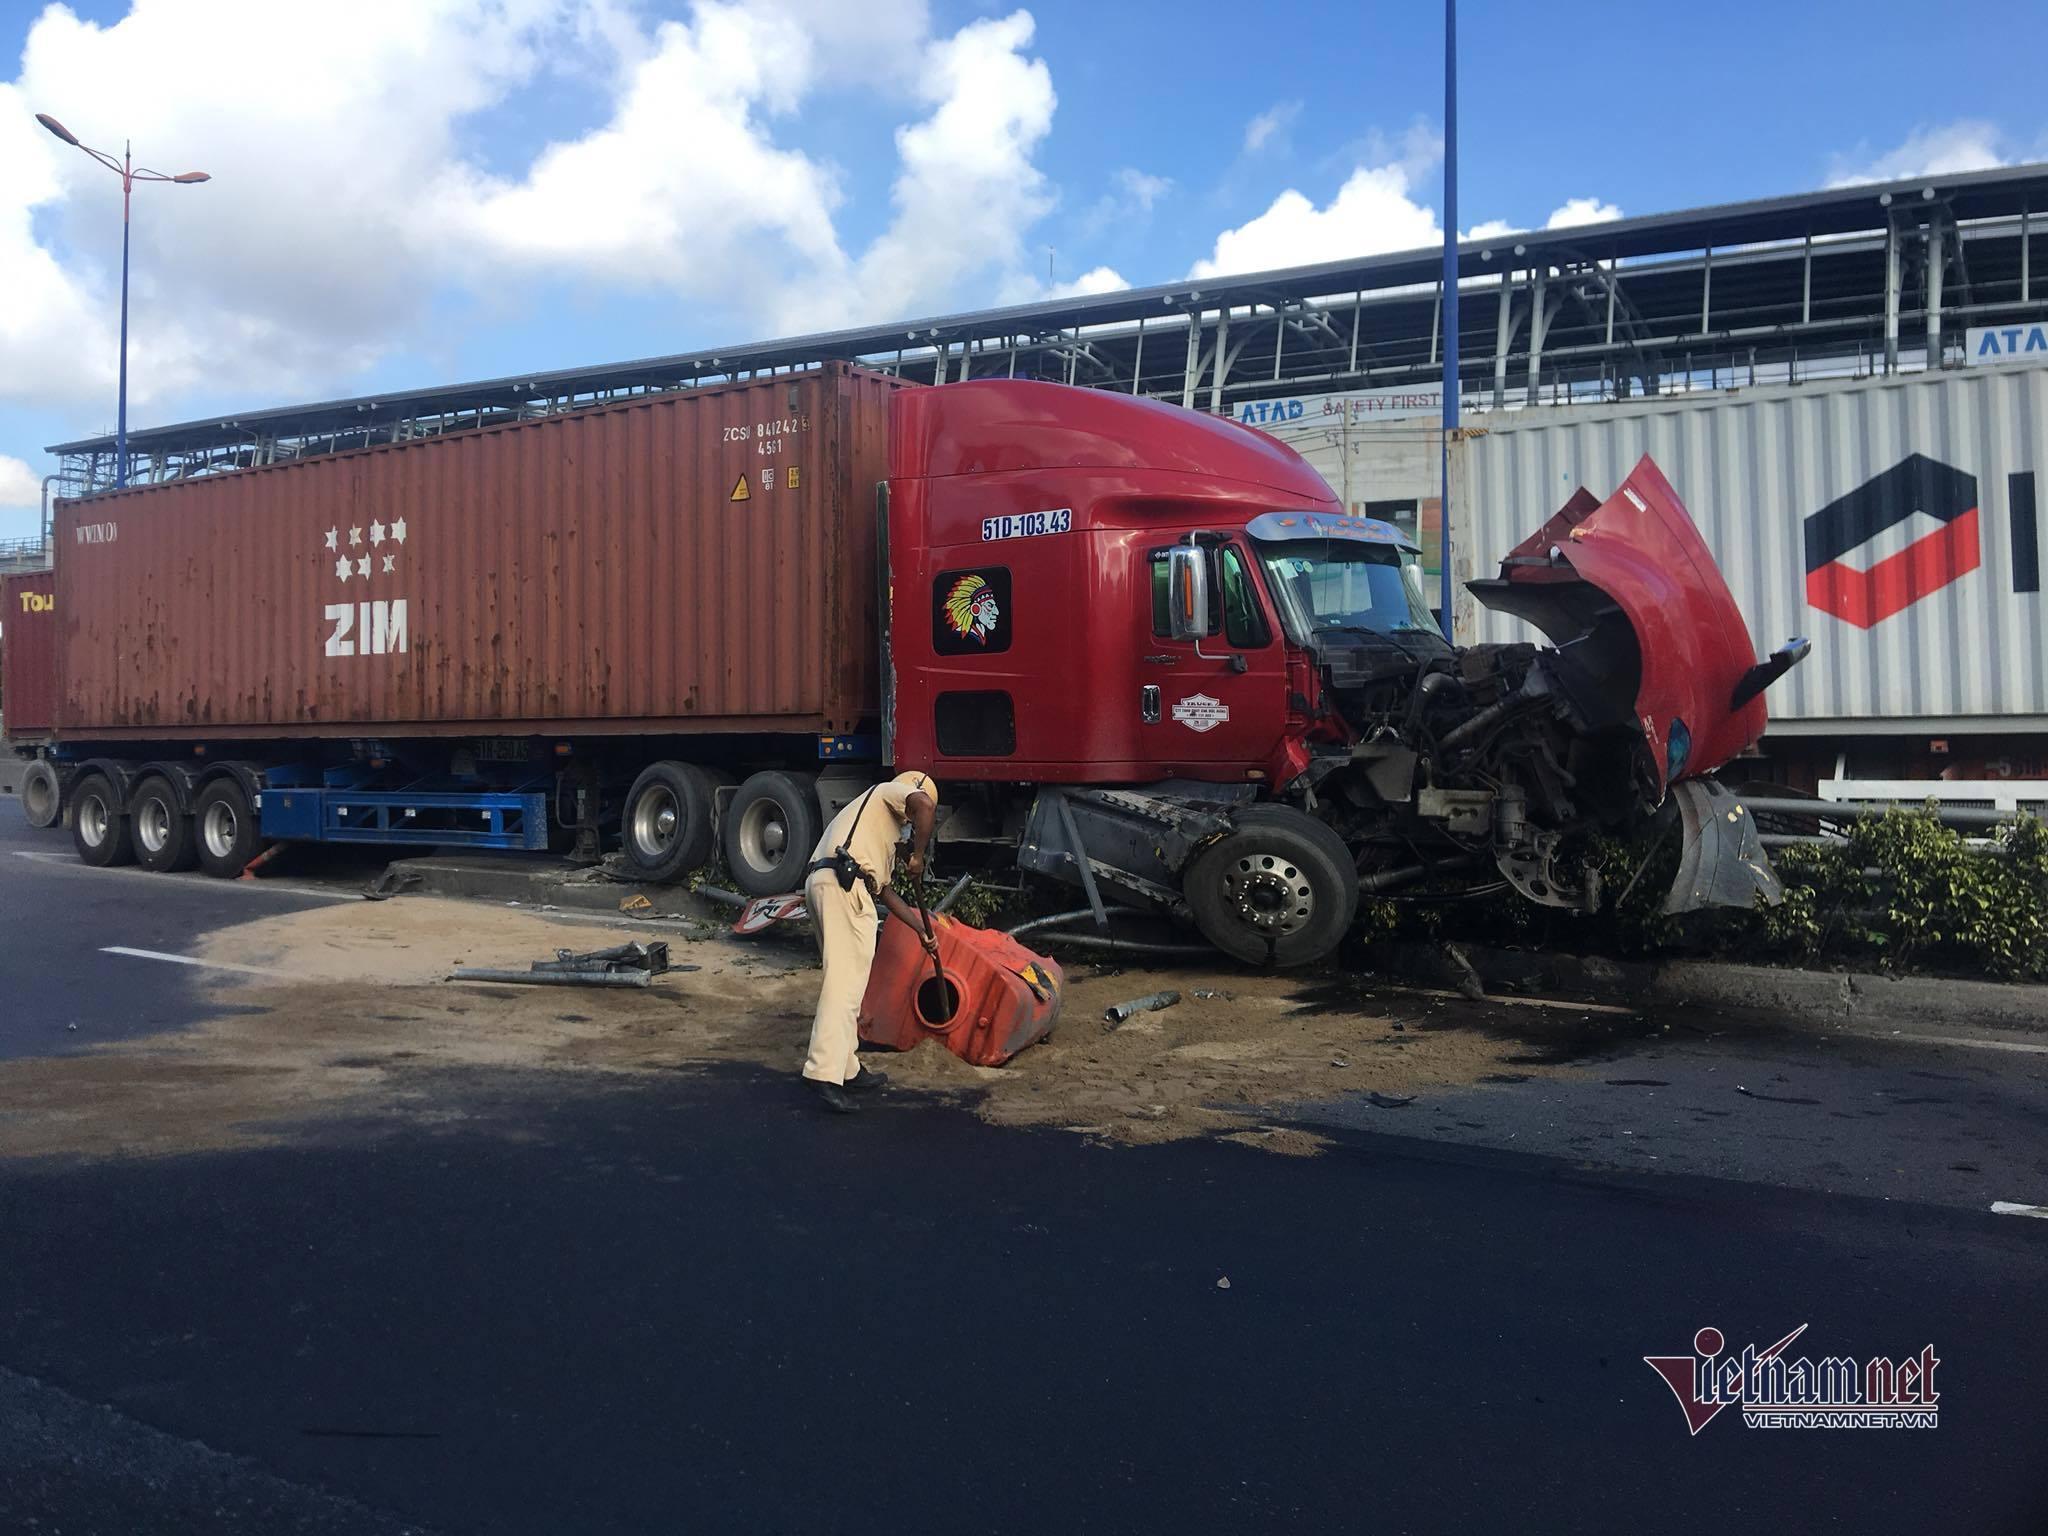 Xe container 'vỡ đầu' dưới chân cầu vượt Thủ Đức, dầu chảy tràn đường